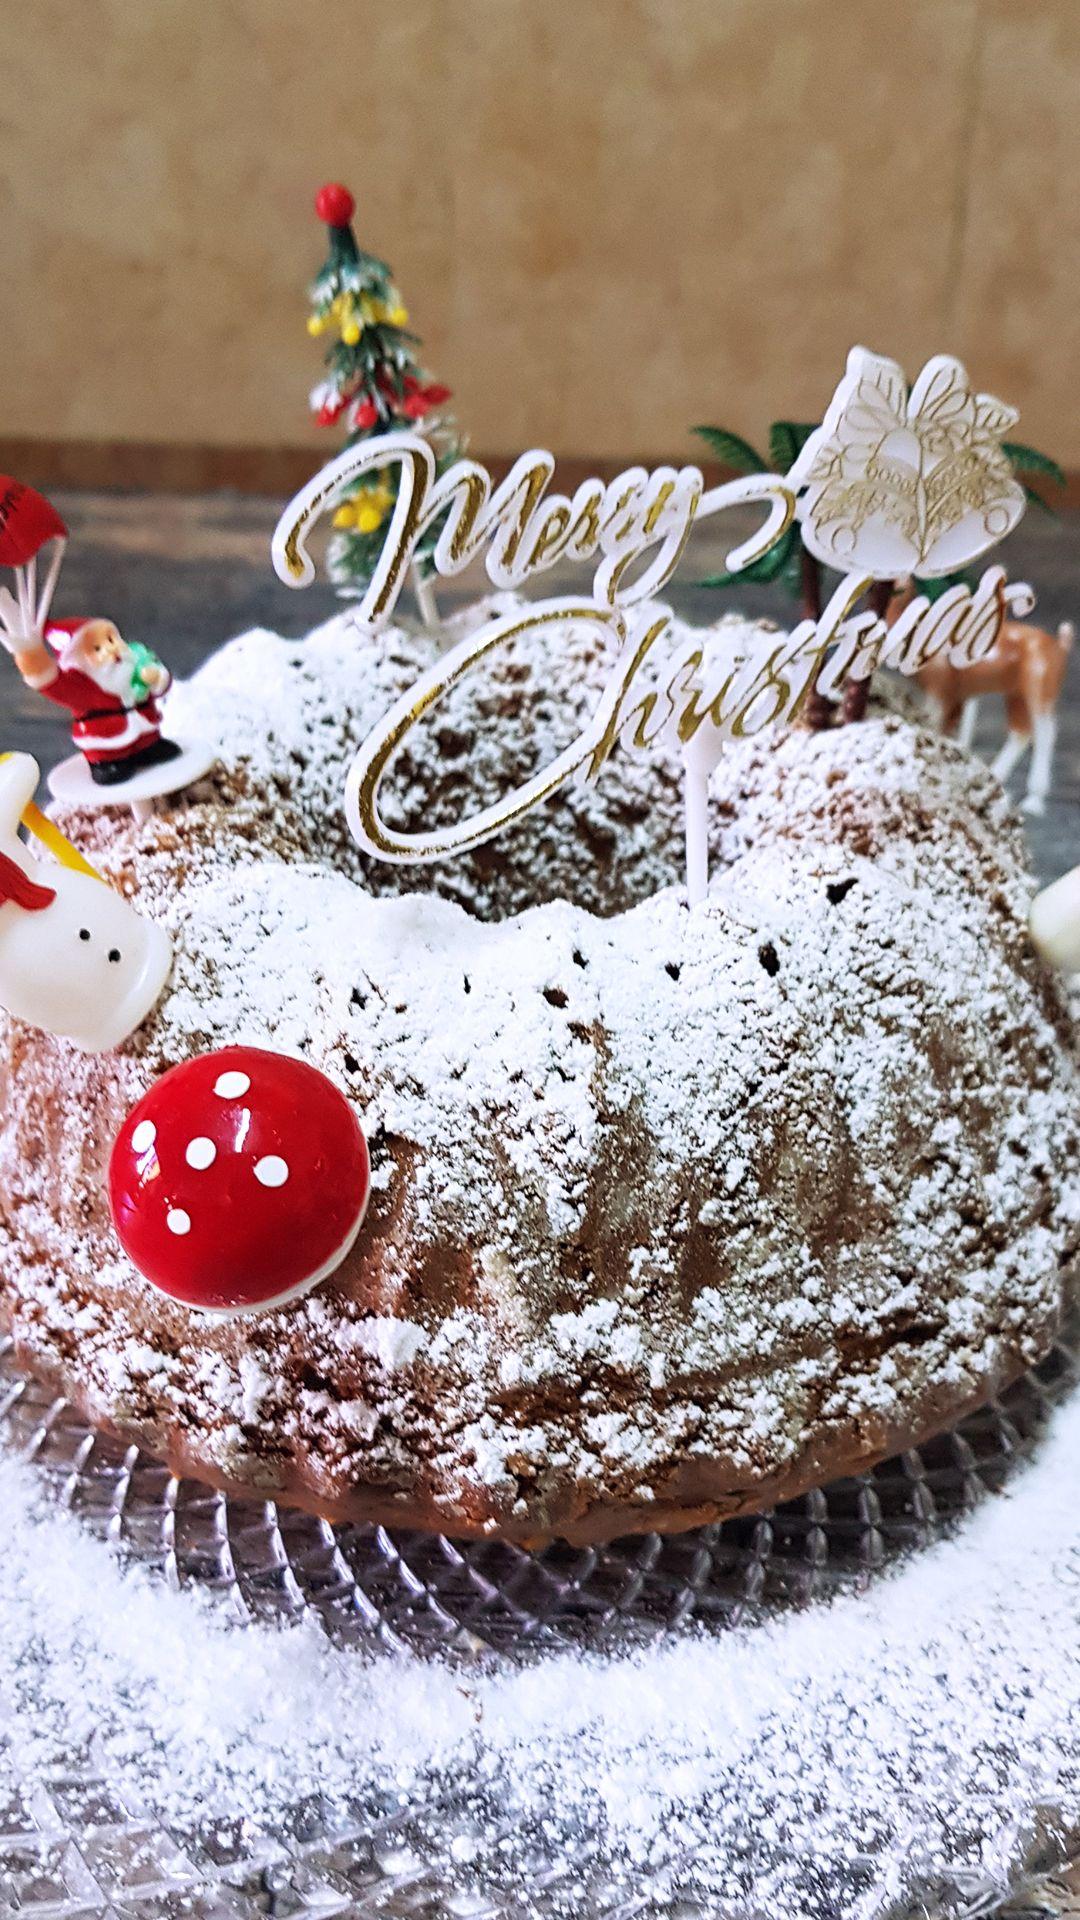 كيك الكريسماس Christmas Cake Yummy Cakes Cake Christmas Bulbs